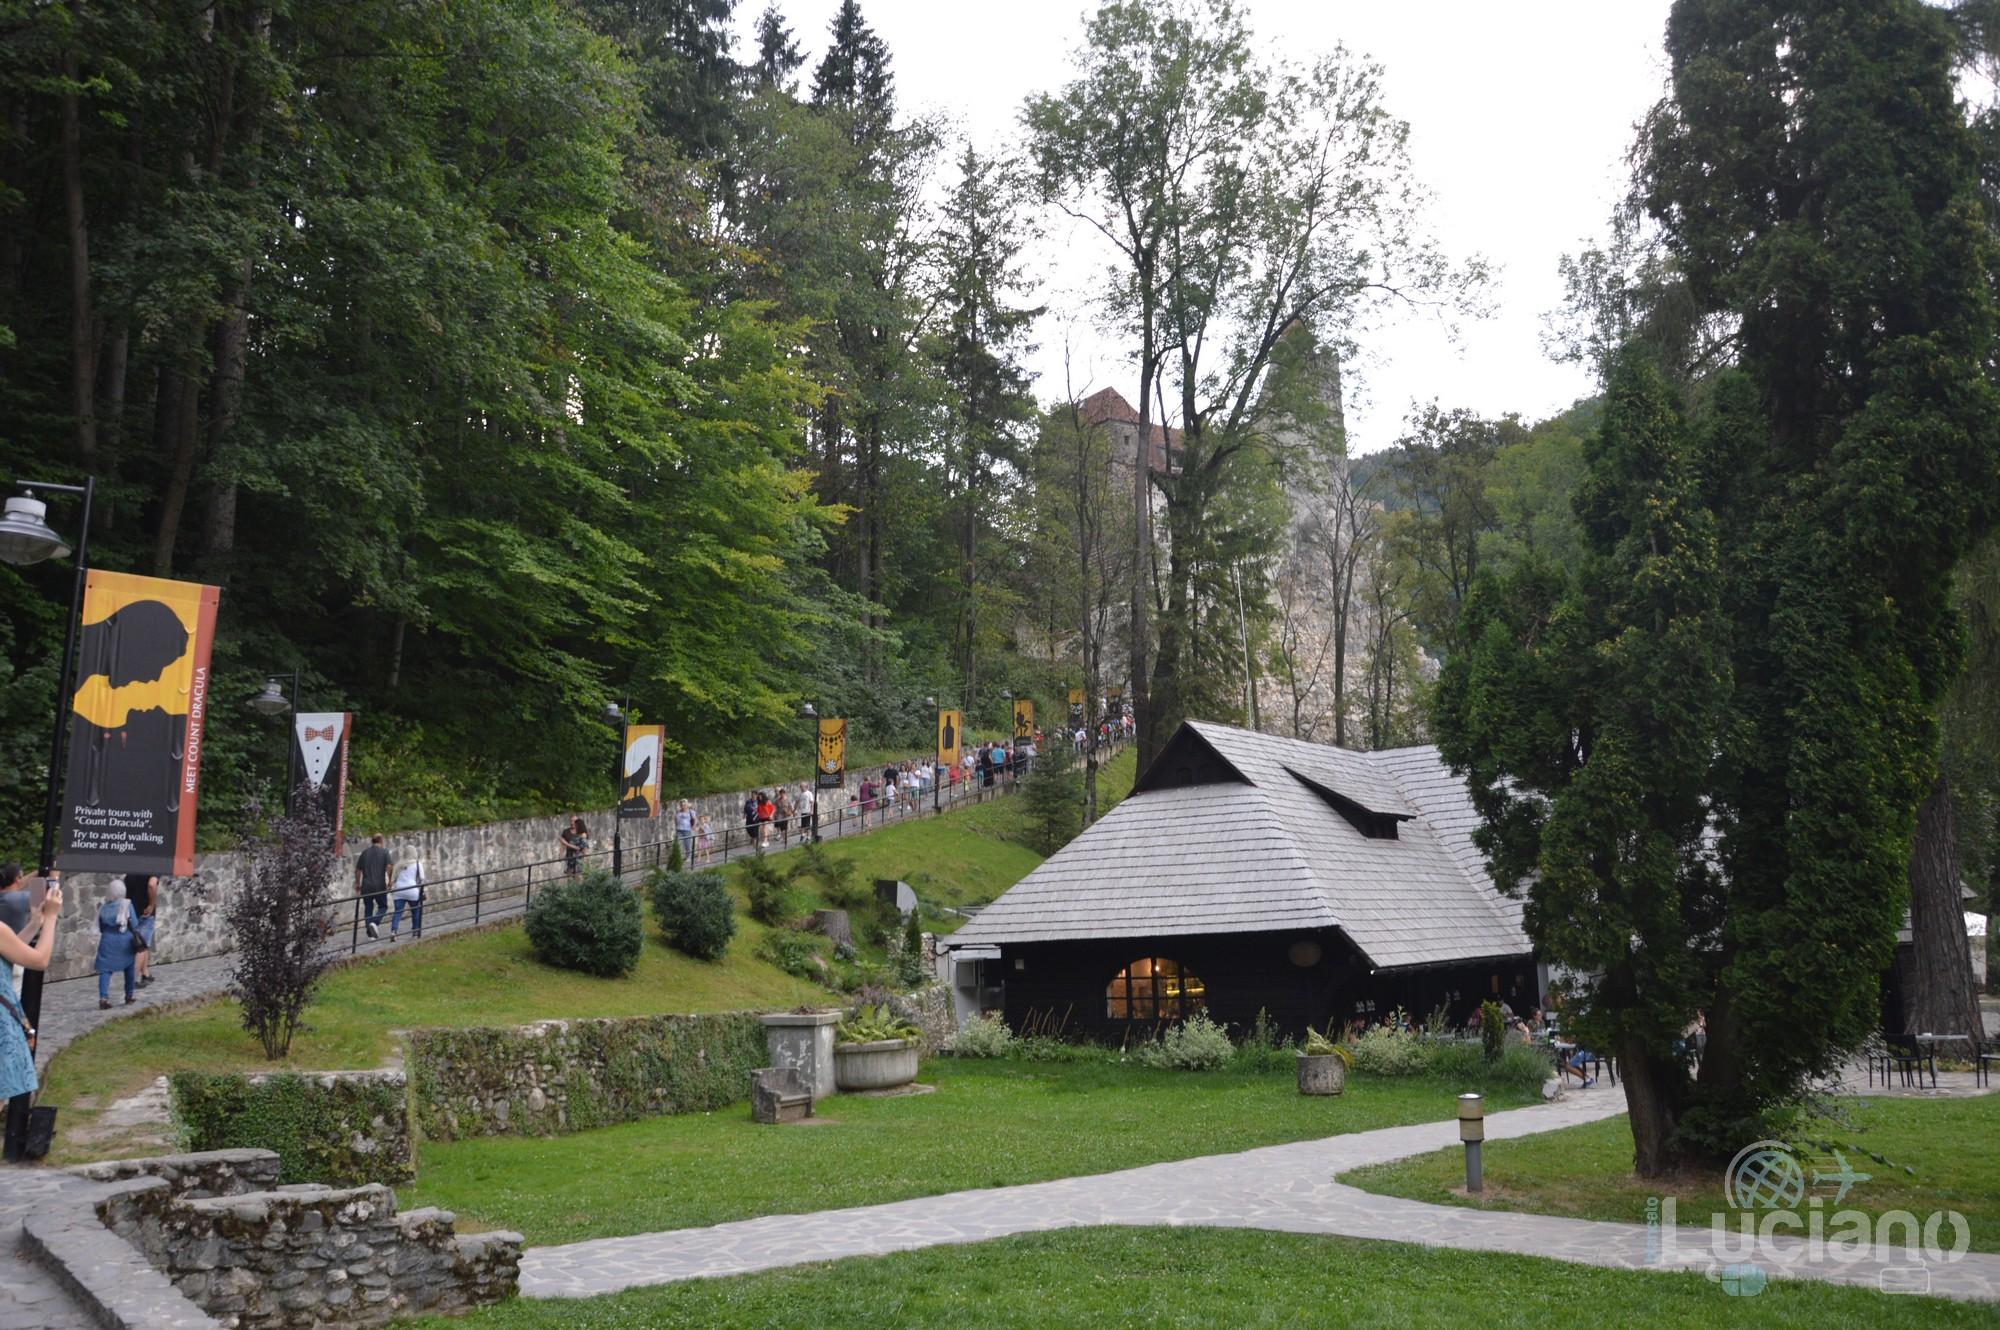 castello-di-dracula-castello-di-bran-luciano-blancato (5)